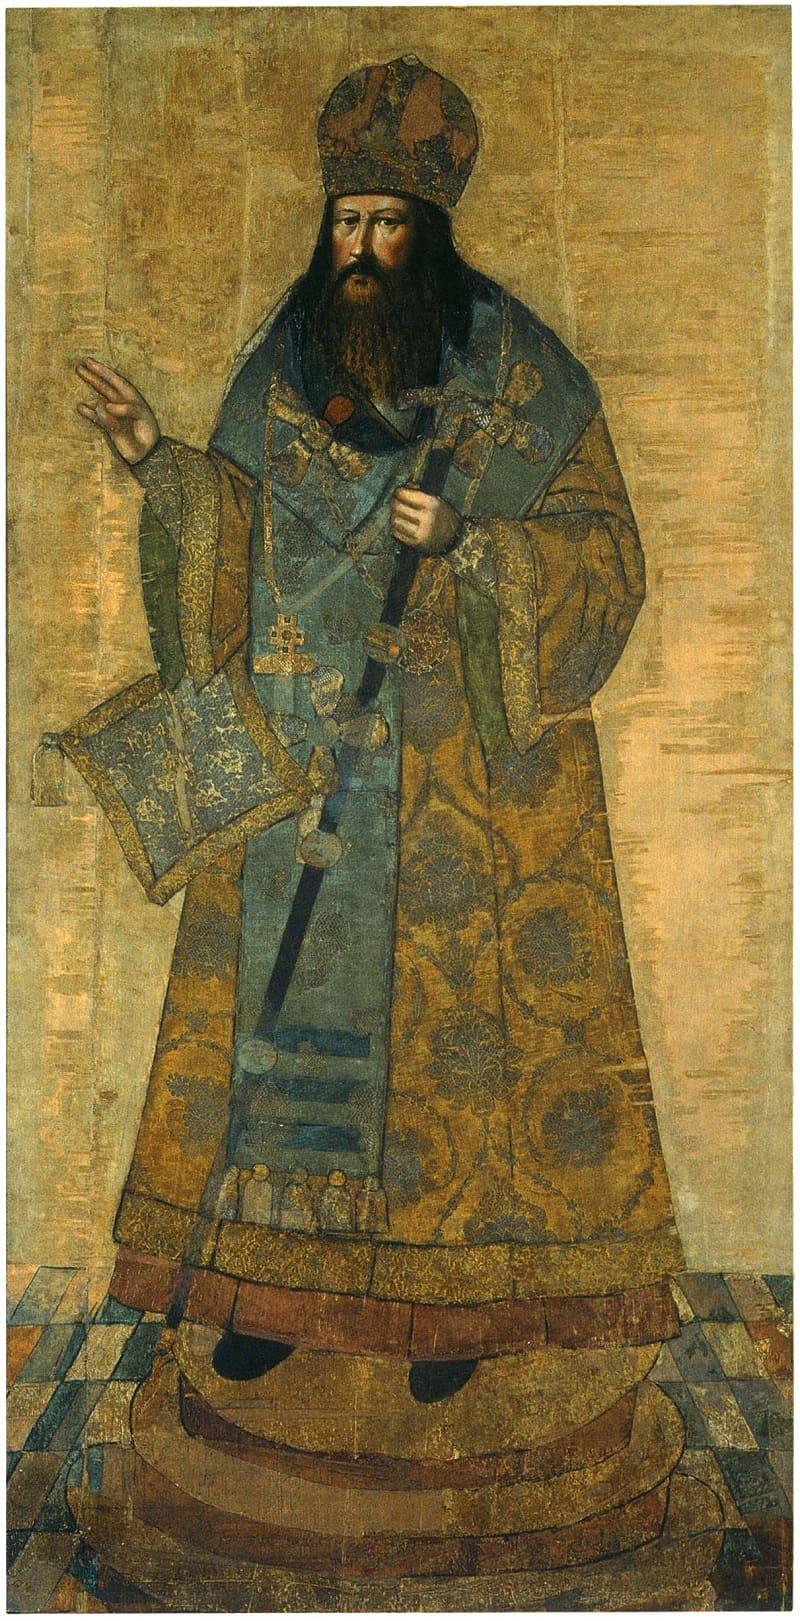 Иван Волтырь Парсуна «Патриарх Никон», ок.1682 года Местонахождение: Государственный Исторический музей, Москва, Россия